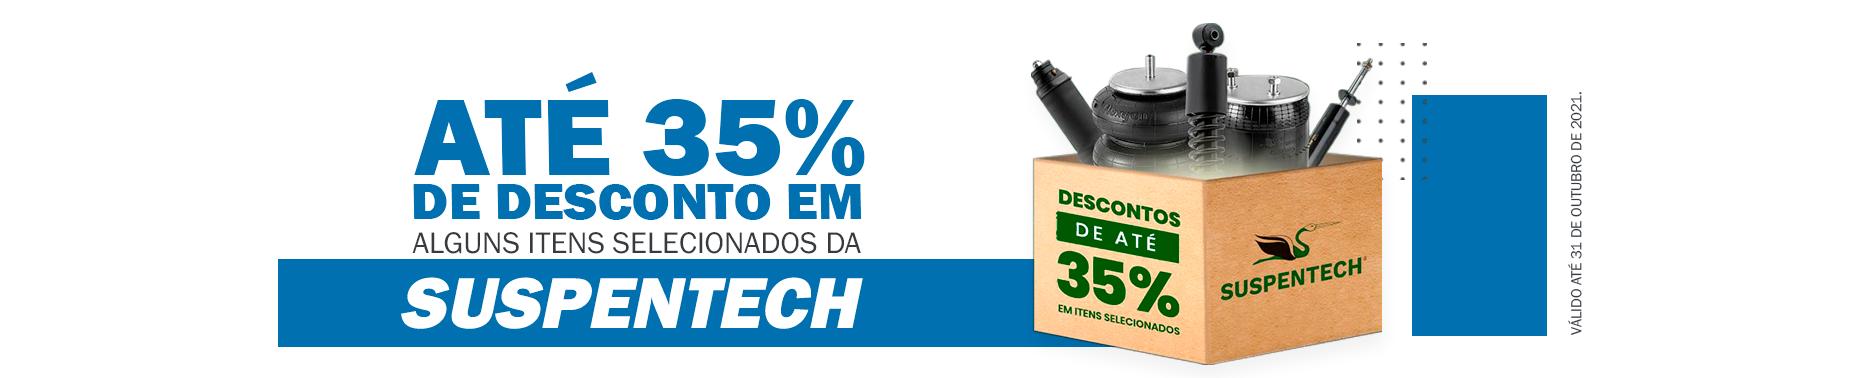 Suspentech 35%